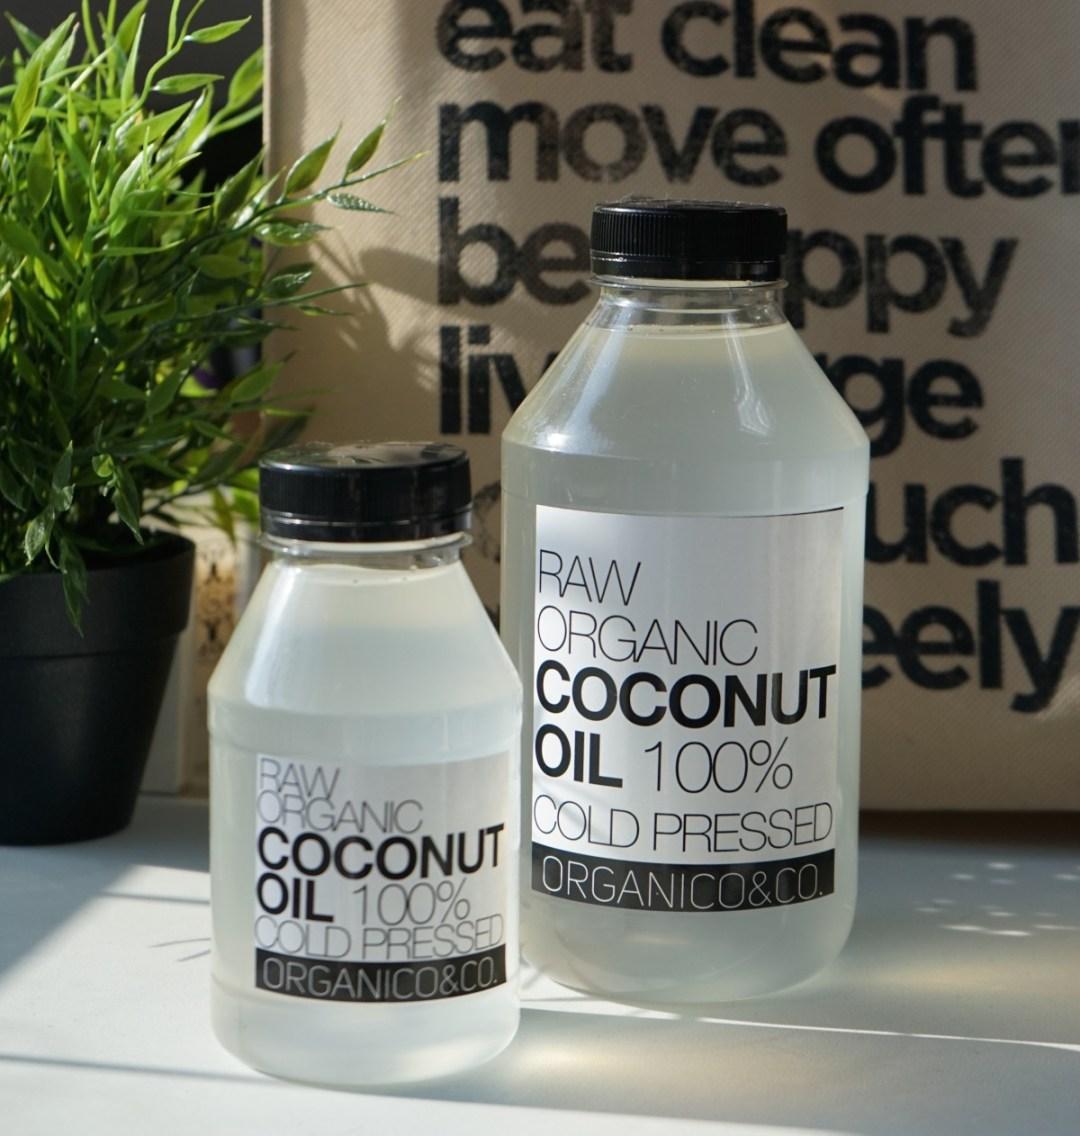 los beneficios de cocinar con aceite de coco